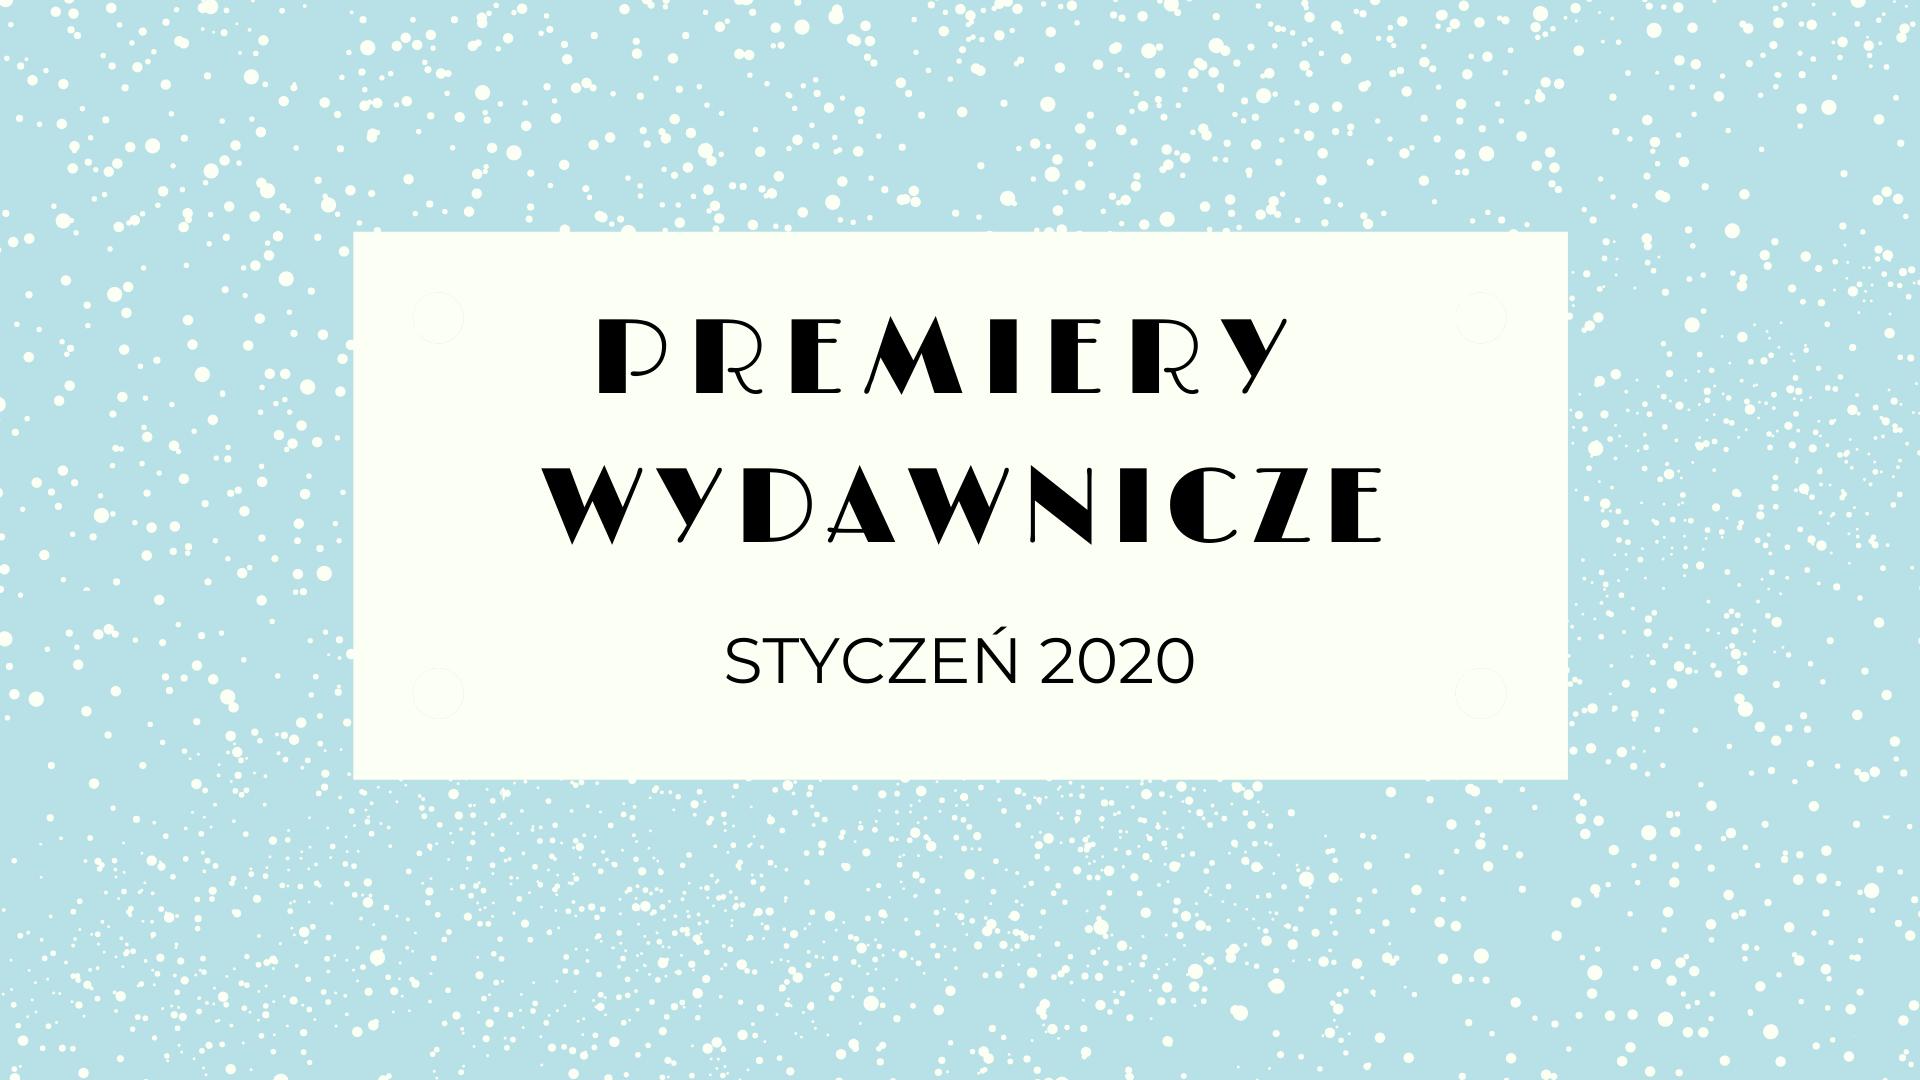 Premiery wydawnicze – styczeń 2020